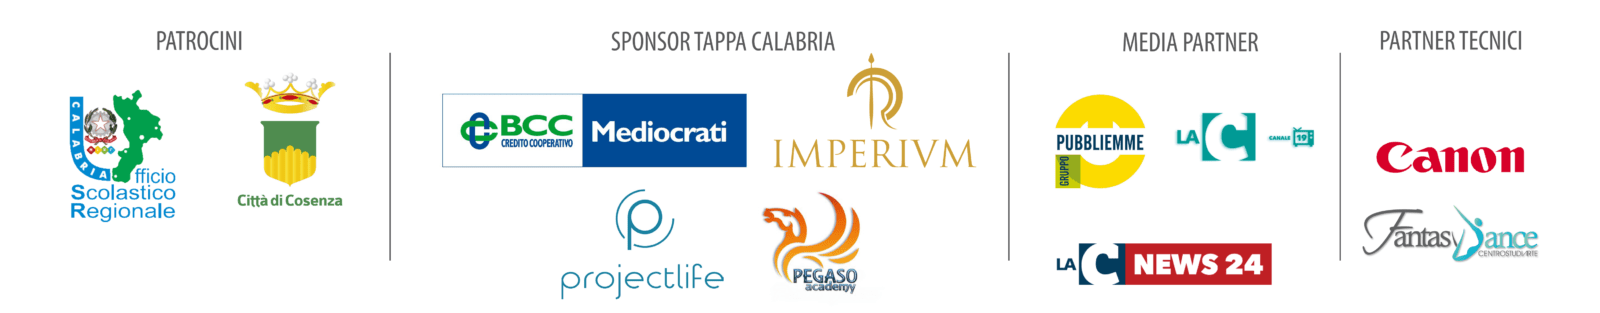 sponsor cosenza 2 Eccellenze Italiane